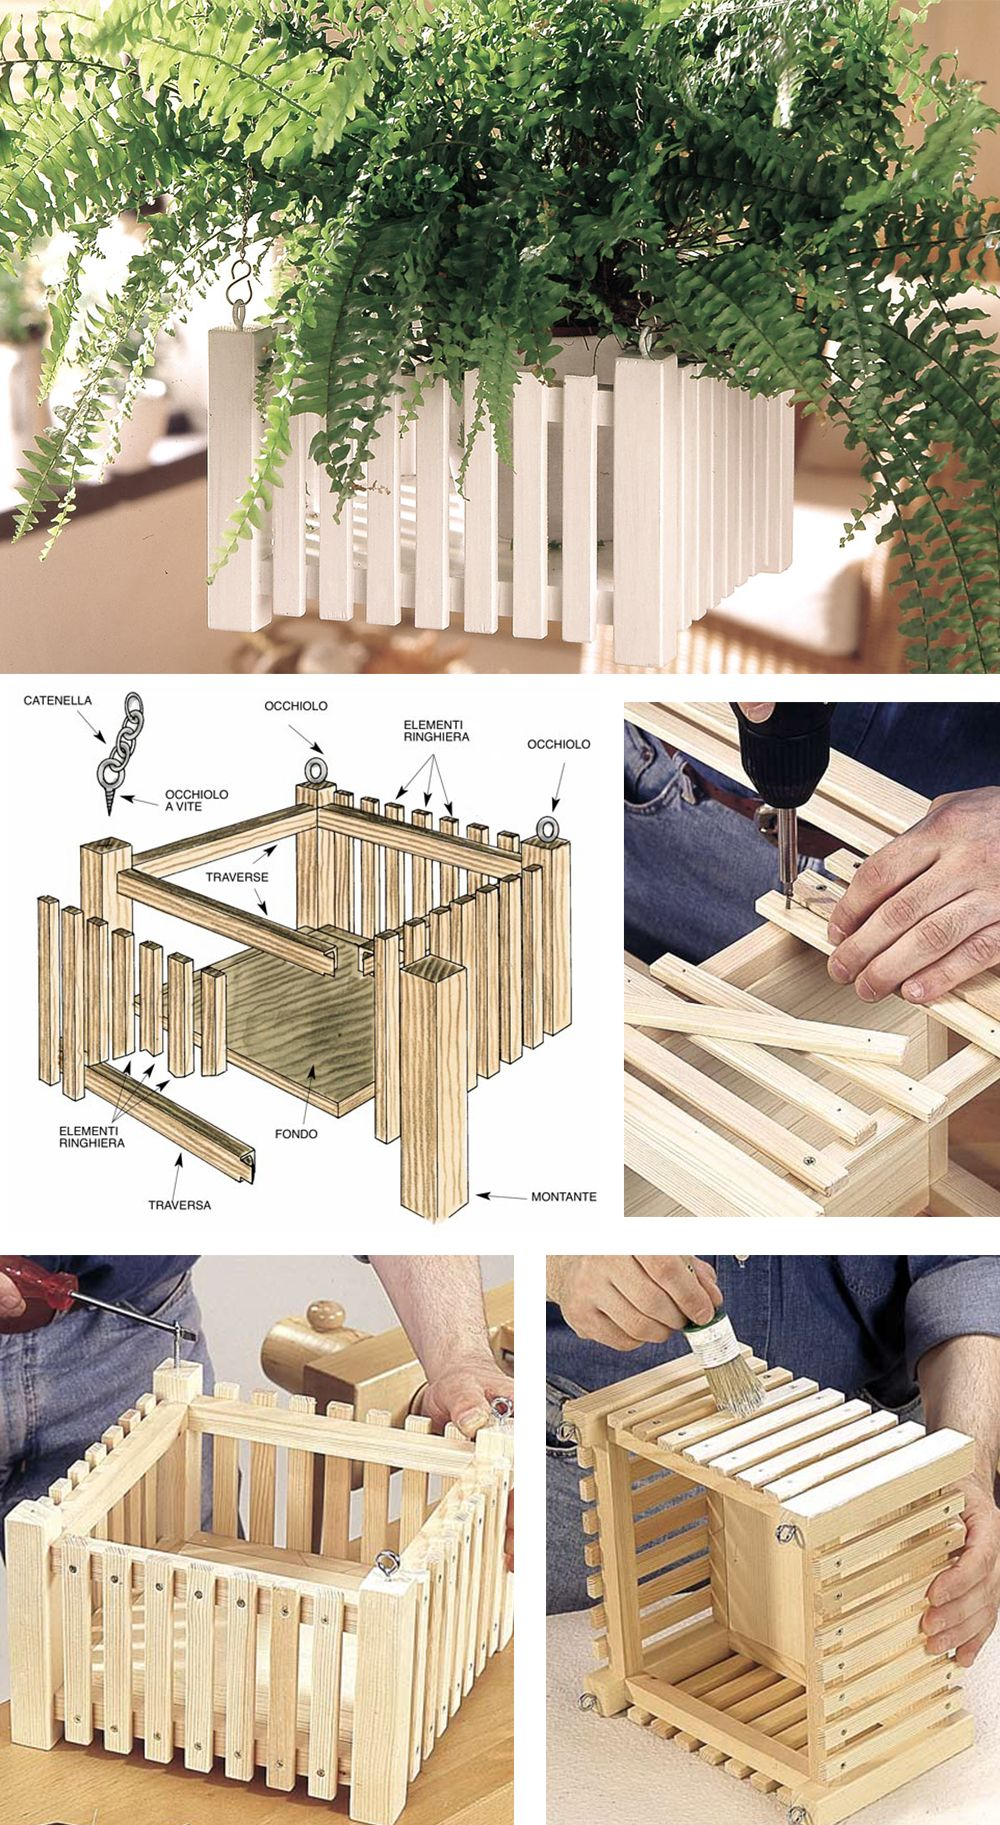 Rinfrescare Casa Fai Da Te portavaso fai da te | arredamento da giardino fai da te